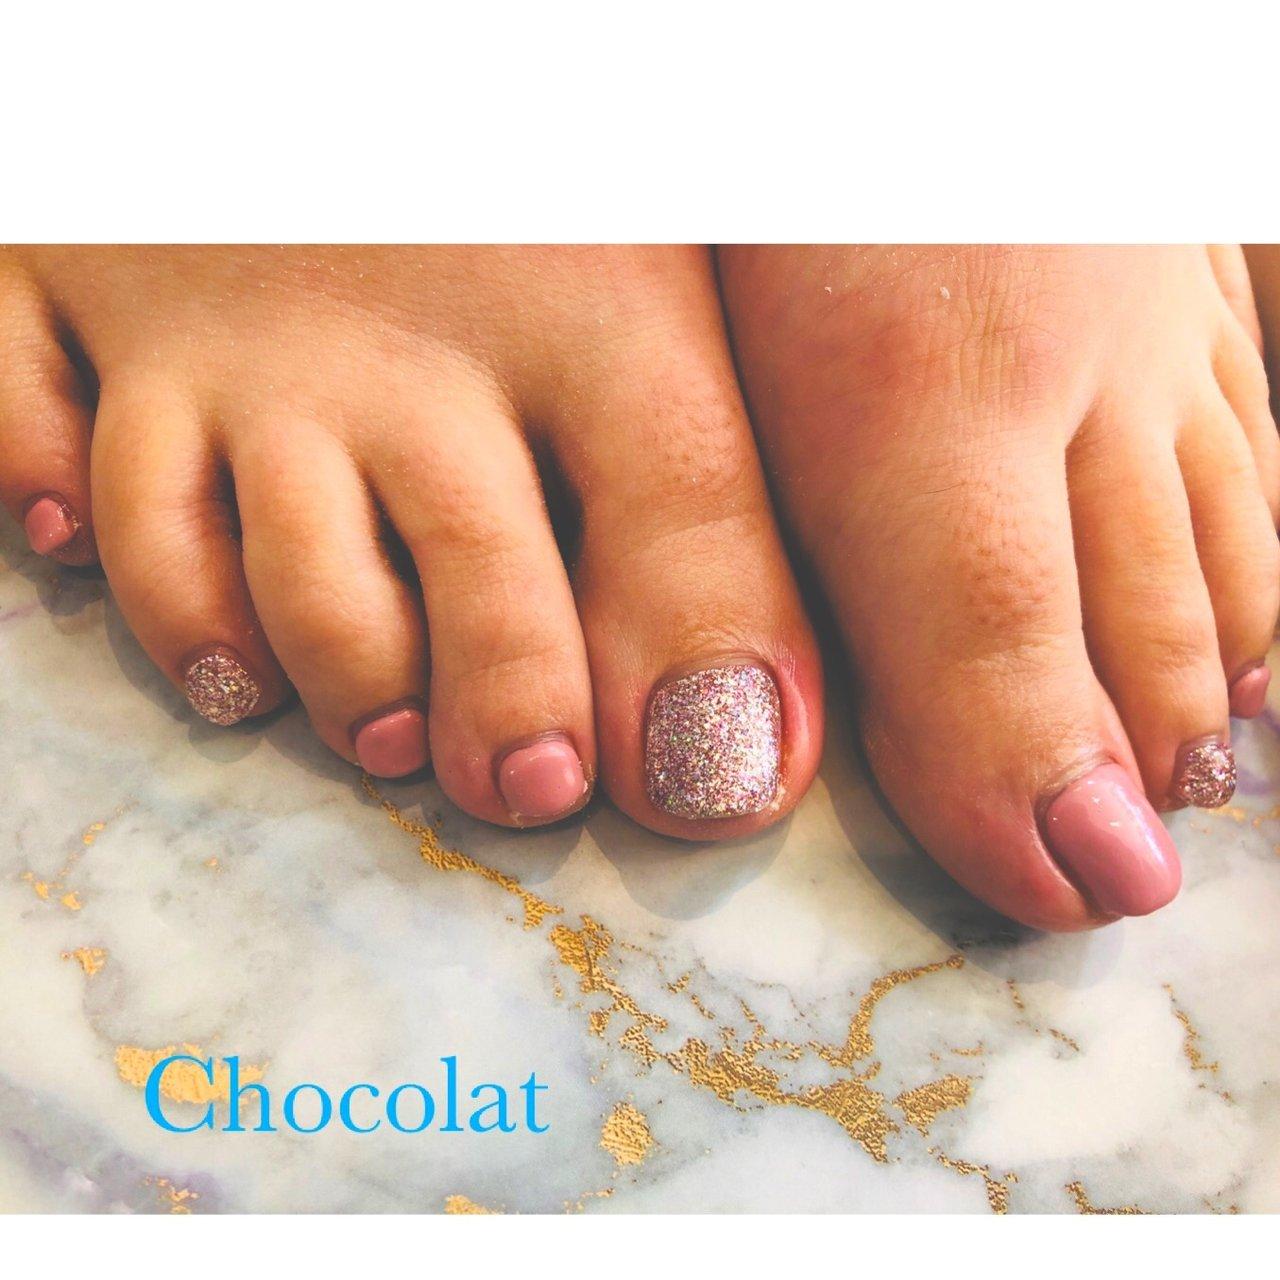 #Chocolat #フットネイル #ラメ#三色ラメ 春カラー#はる #chocolat214 #ネイルブック